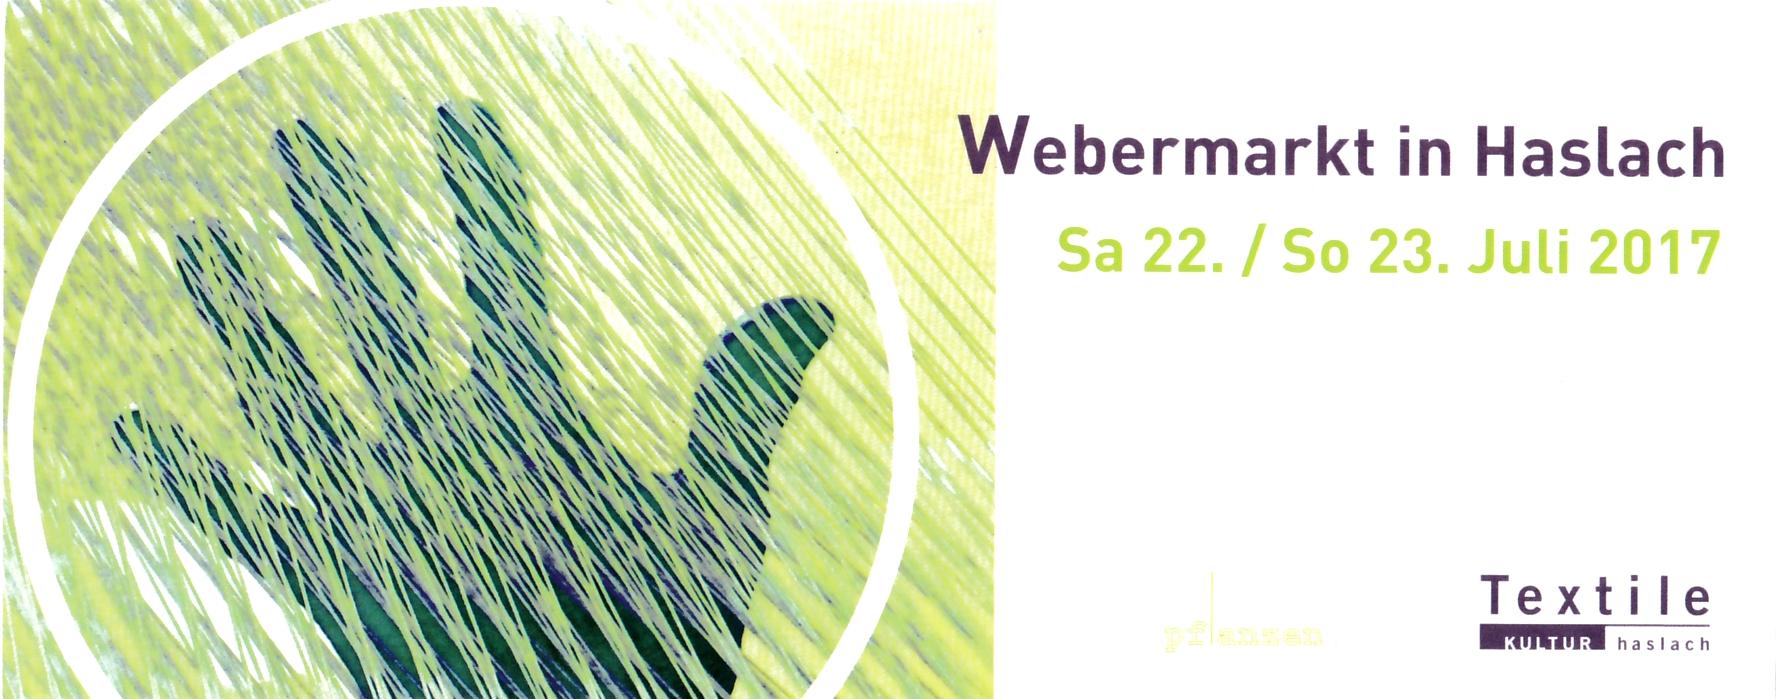 Webermarkt in Haslach Wohnaccessoires aus Baumwollseil Caroline Rager